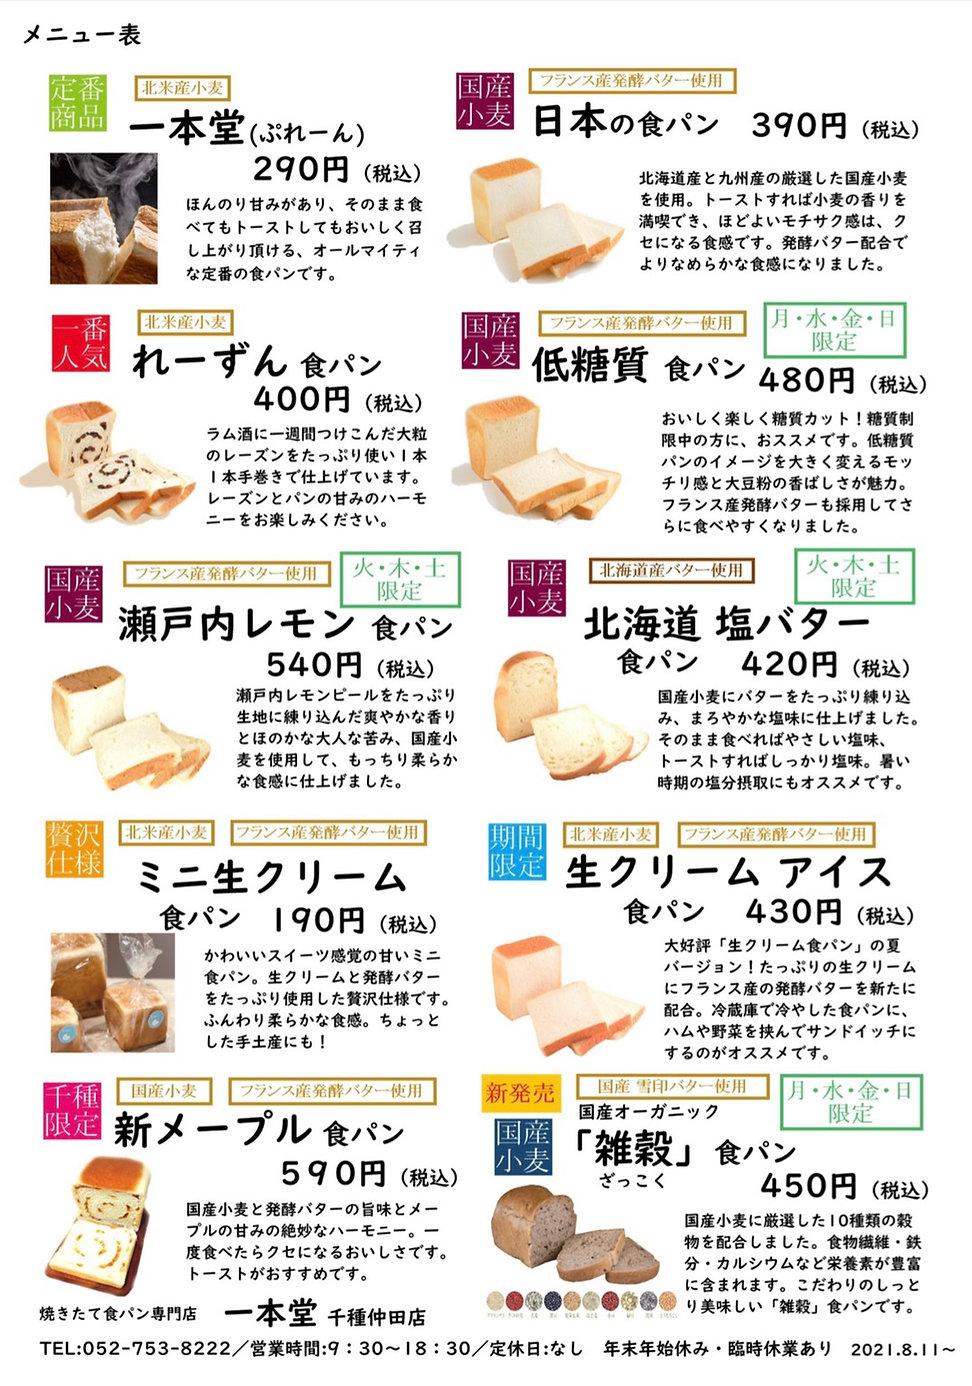 8月メニュー表.jpg